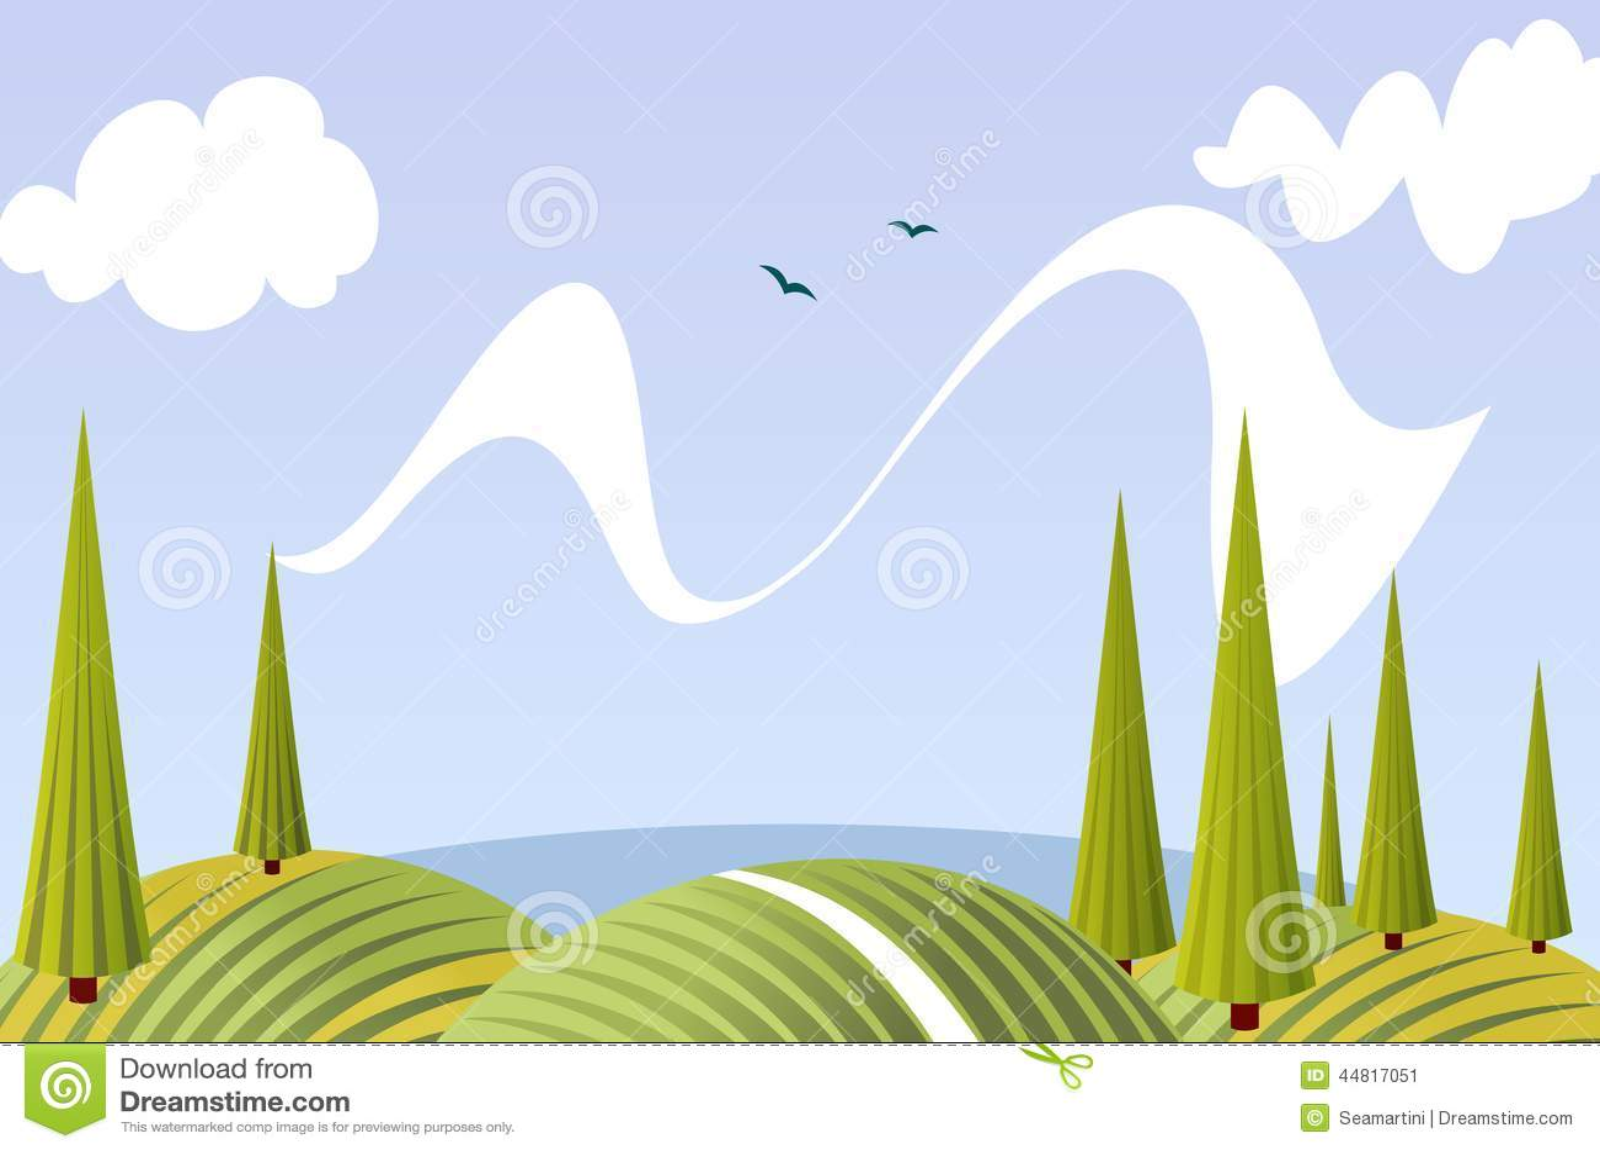 paysage de champs et de pr s d 39 t de bande dessin e illustration de vecteur image 44817051. Black Bedroom Furniture Sets. Home Design Ideas